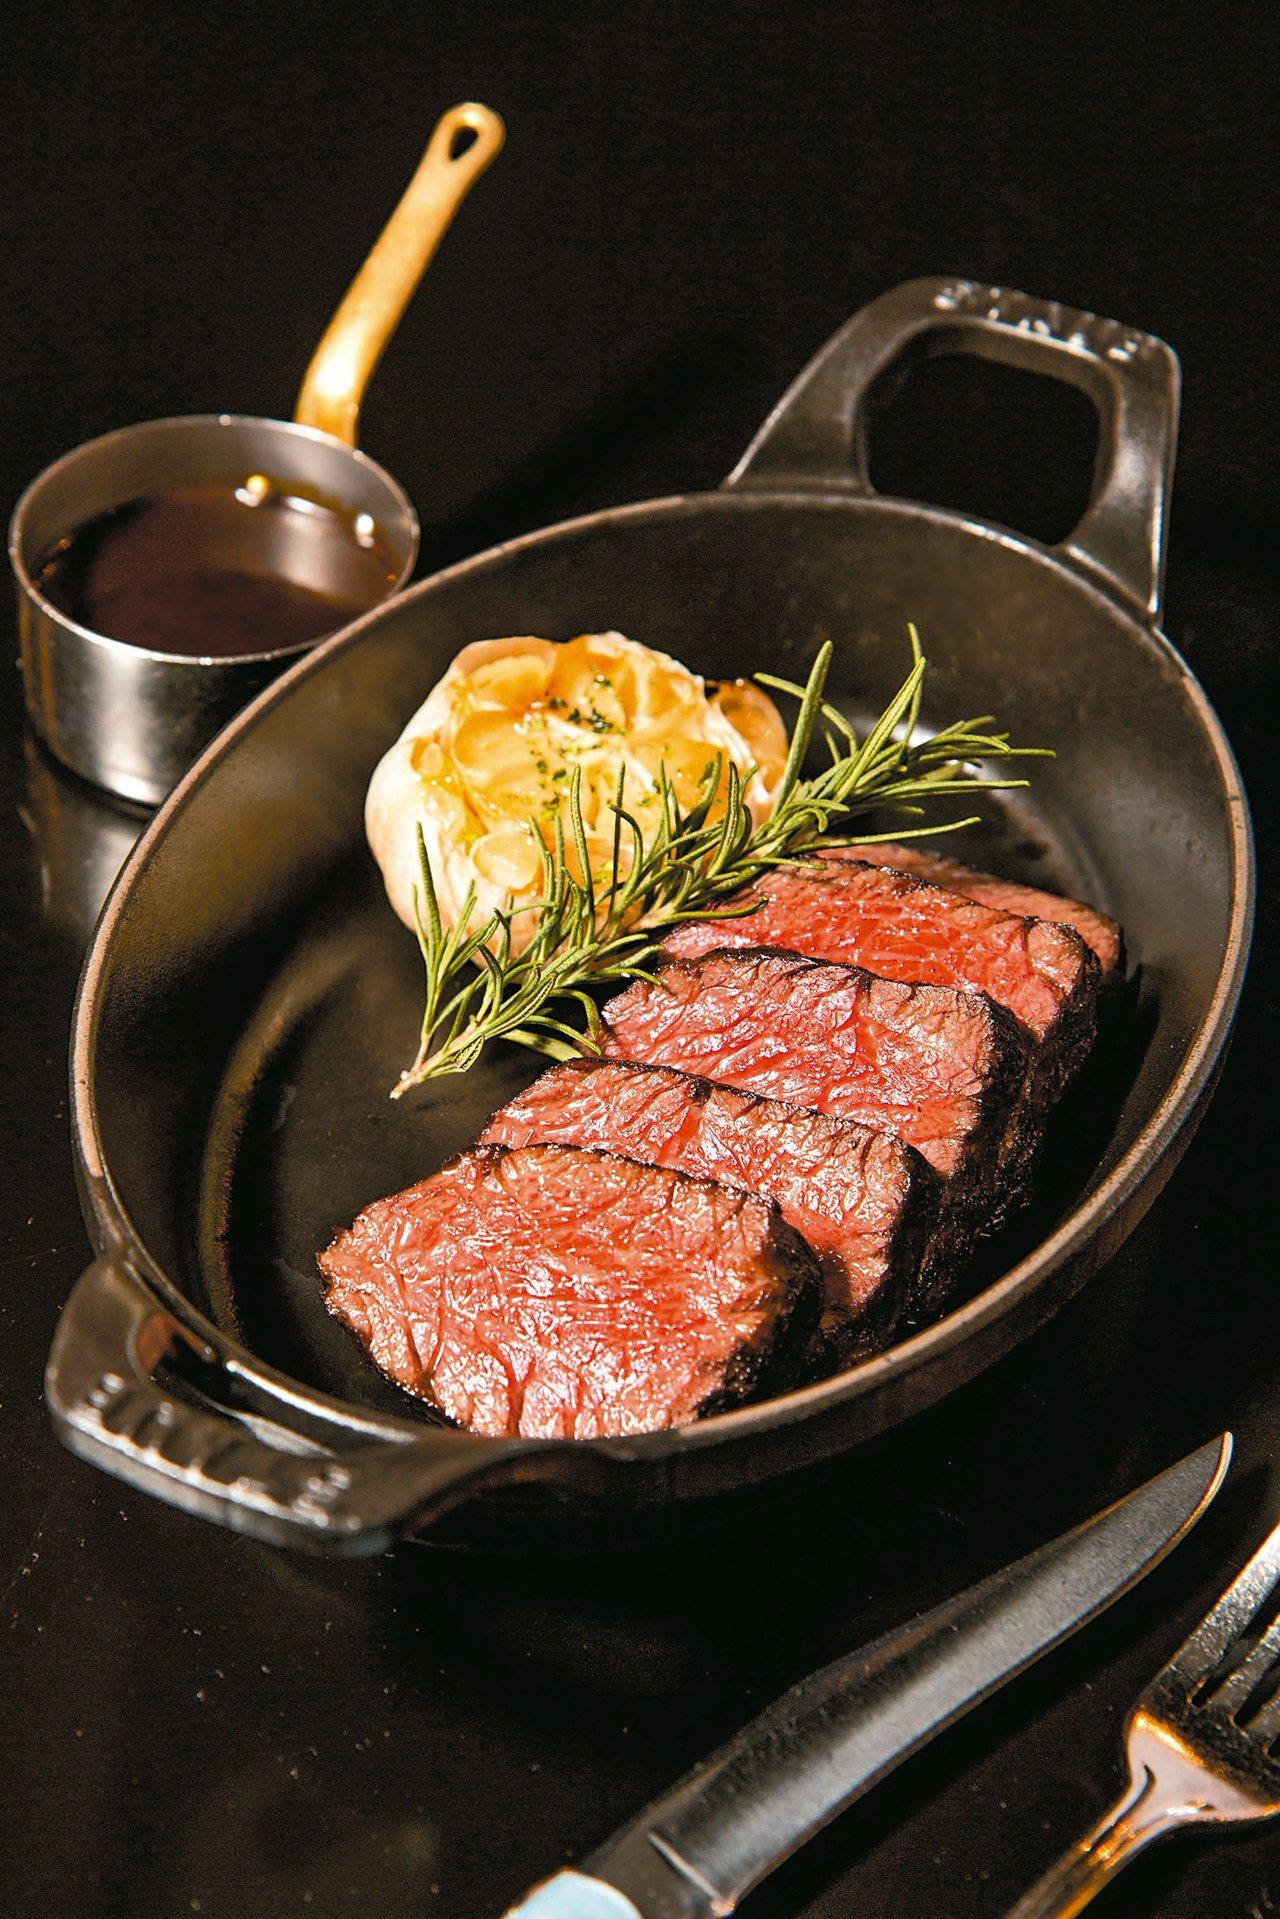 維多麗亞酒店N°168 PRIME牛排館推出的「昂格列牛排」,使用的是少見部位牛...